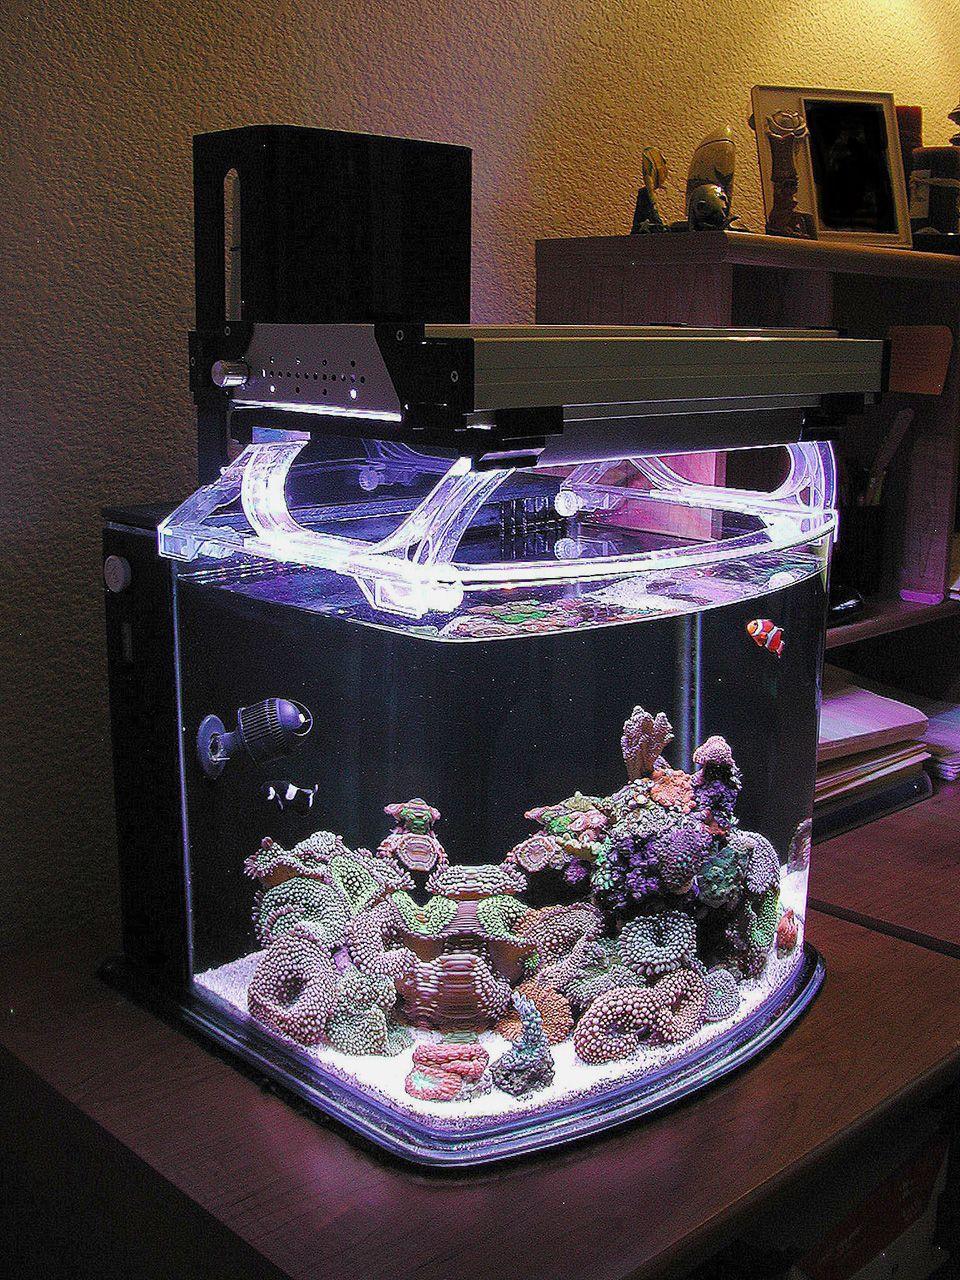 Nano Sapiens With Images Coral Aquarium Coral Reef Aquarium Tropical Fish Aquarium